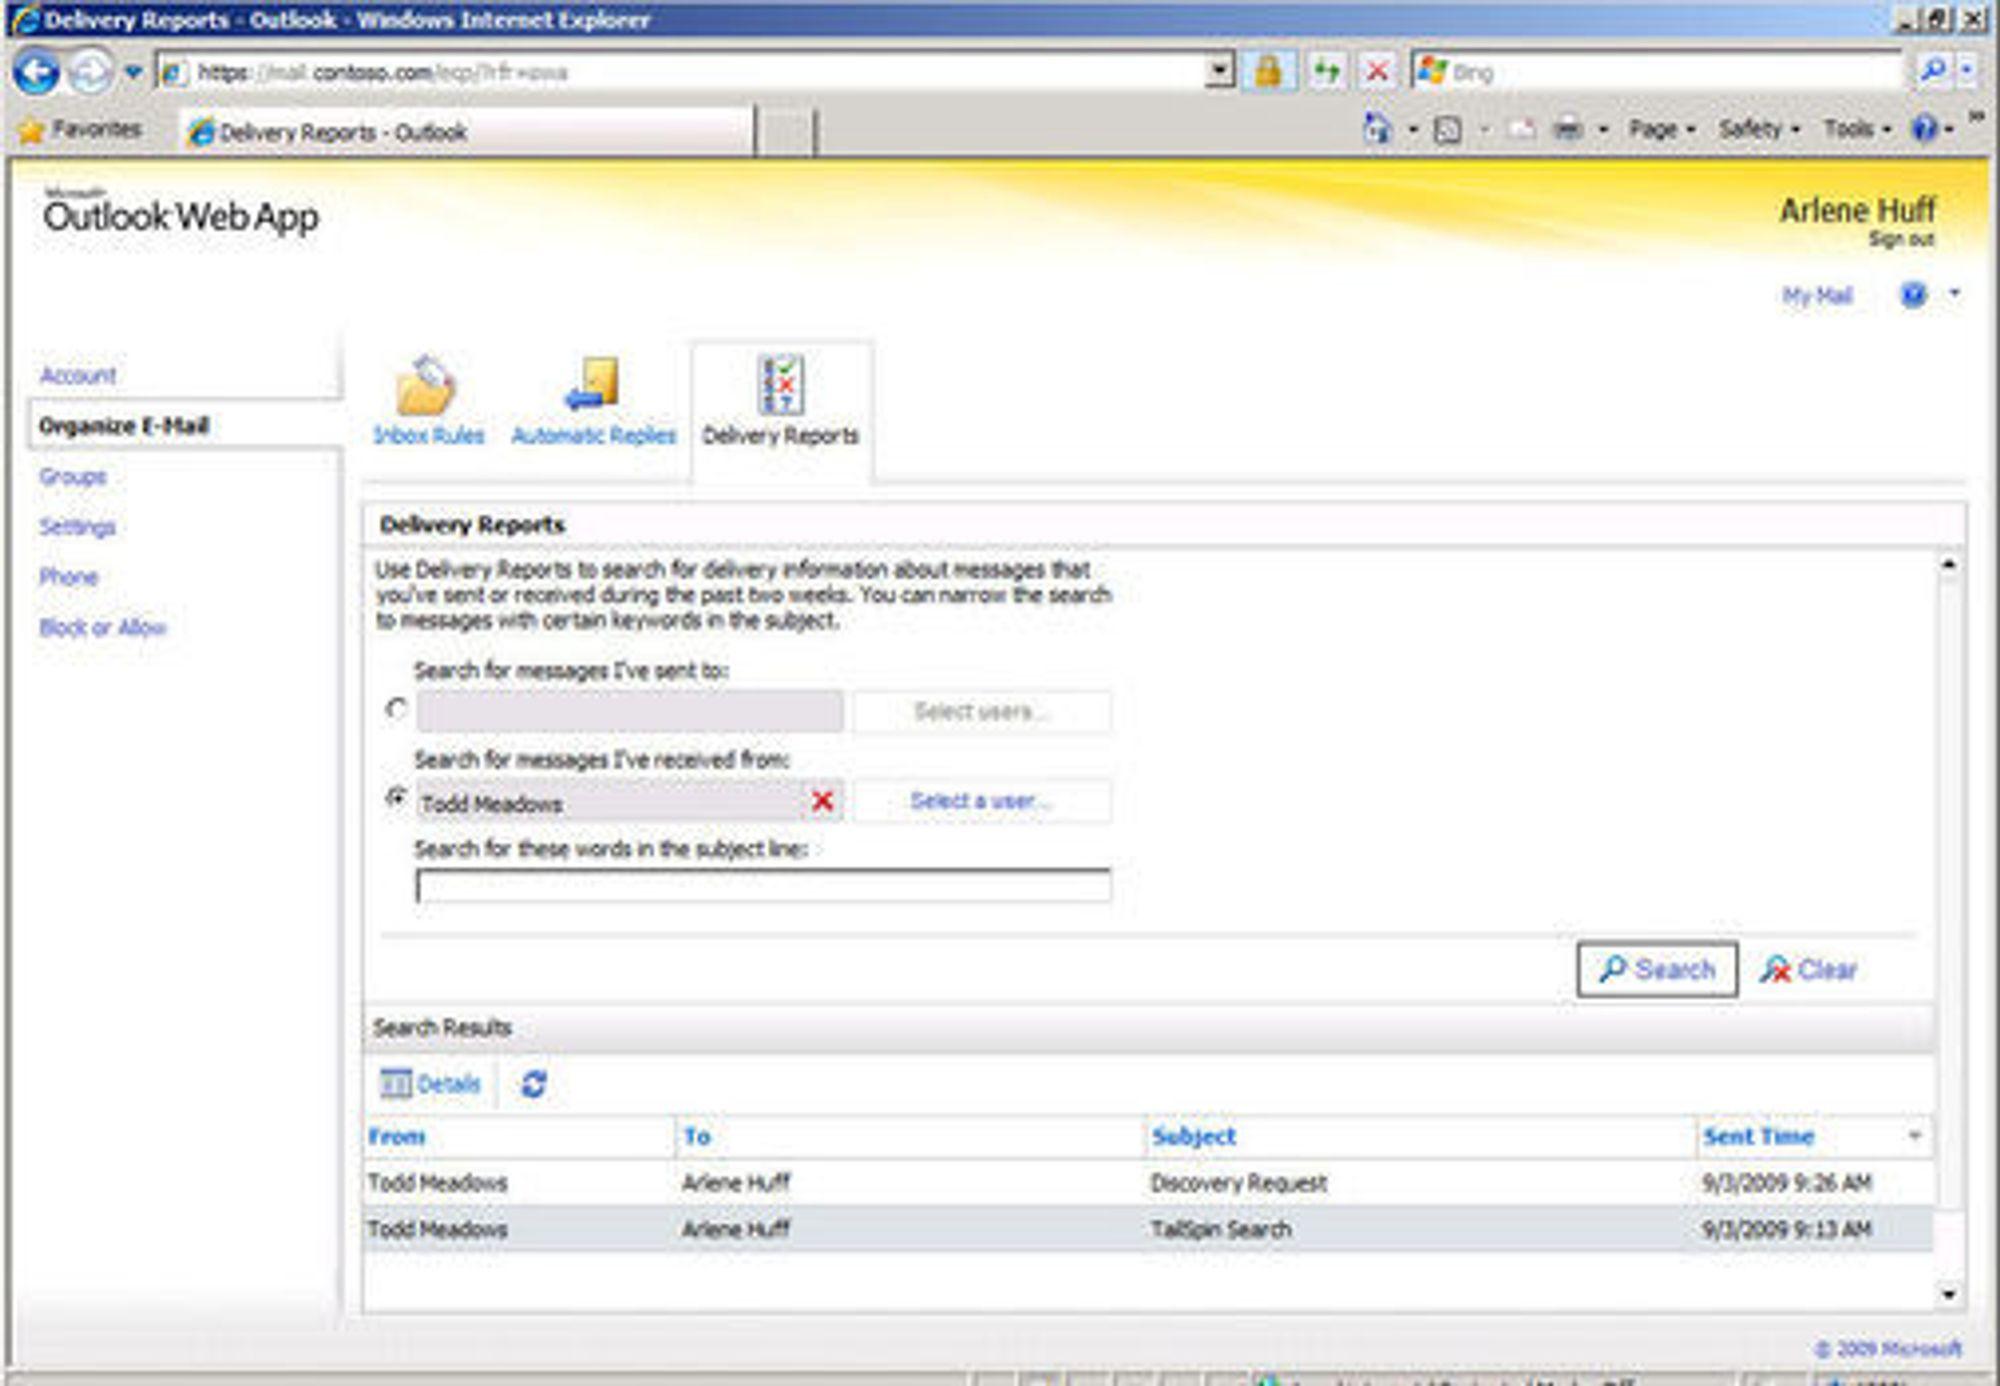 Exchange Control Panel gir den enkelte bruker tilgang til å administrere deler av kontoen selv.